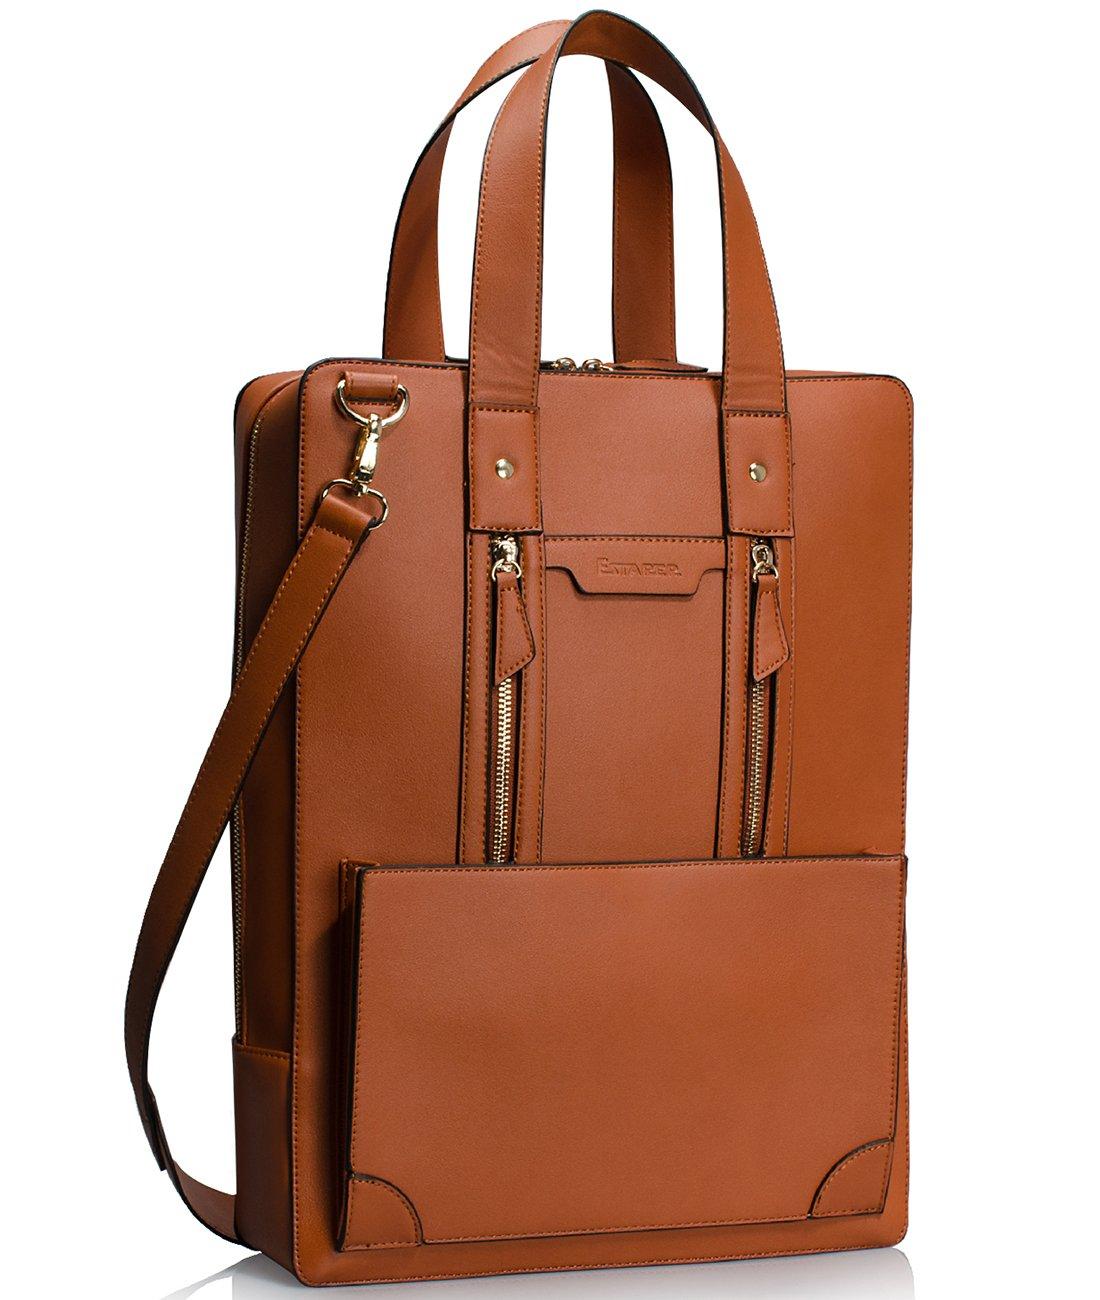 Estarer Women Business Briefcase Handbag PU Leather 15.6 Inch Shoulder Laptop Work Bag